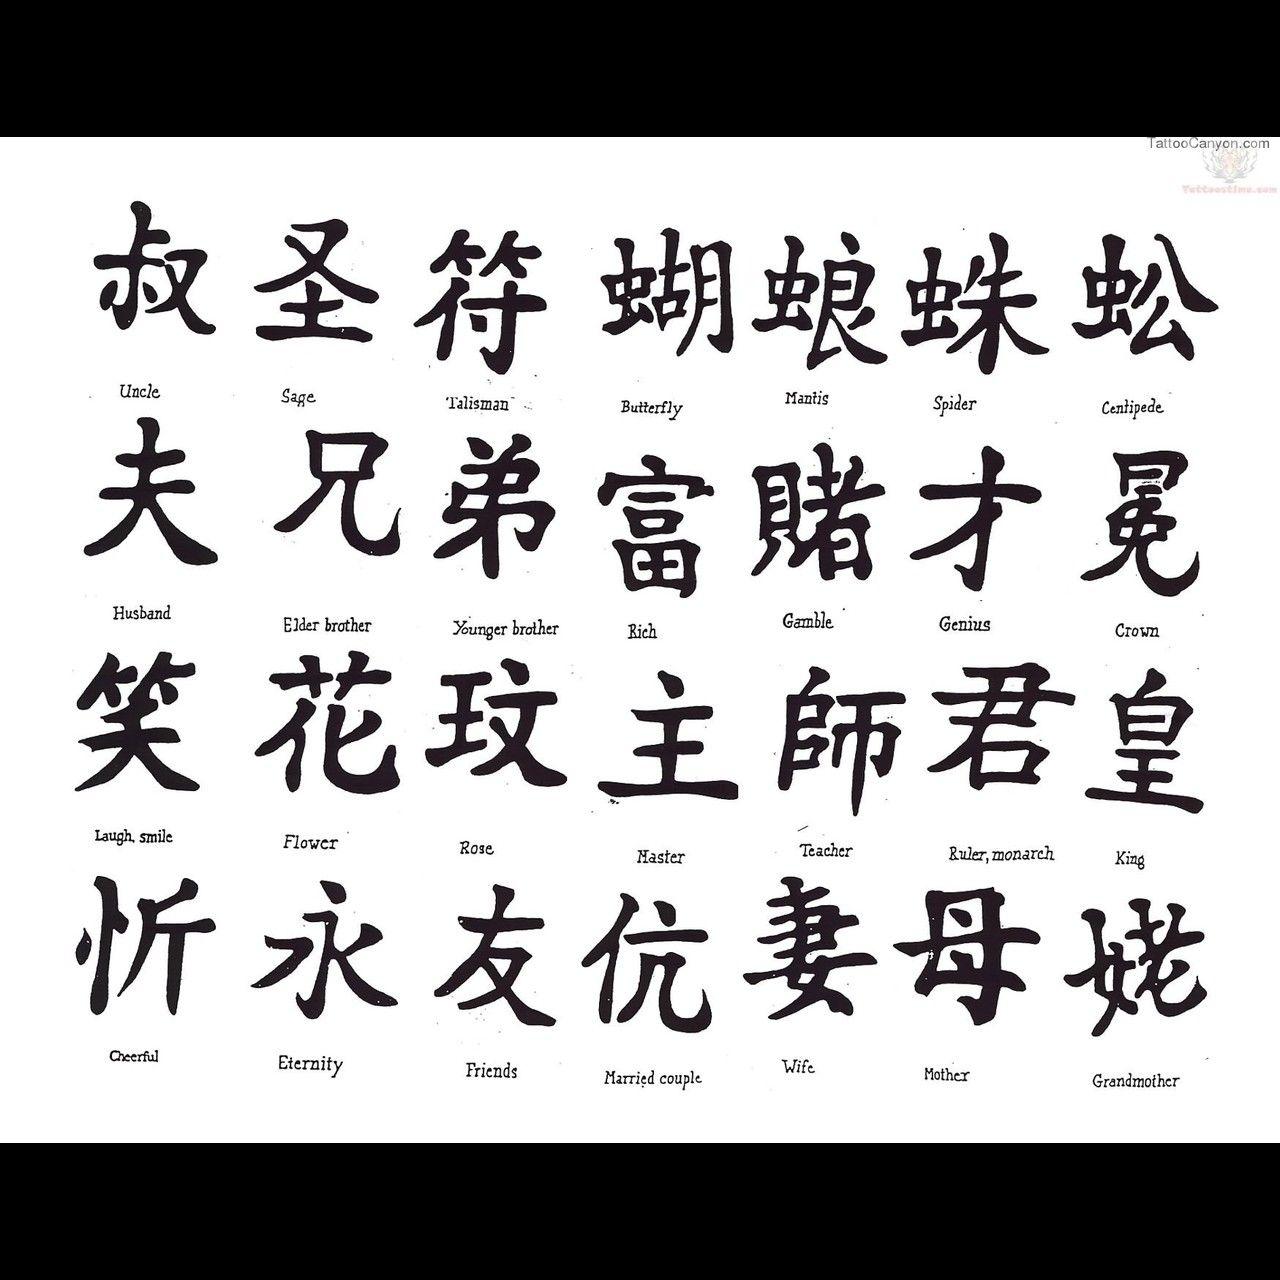 Kanji symbols tattoos design 20130508 tattoo 1049 semar88com kanji symbols tattoos design 20130508 tattoo 1049 buycottarizona Images